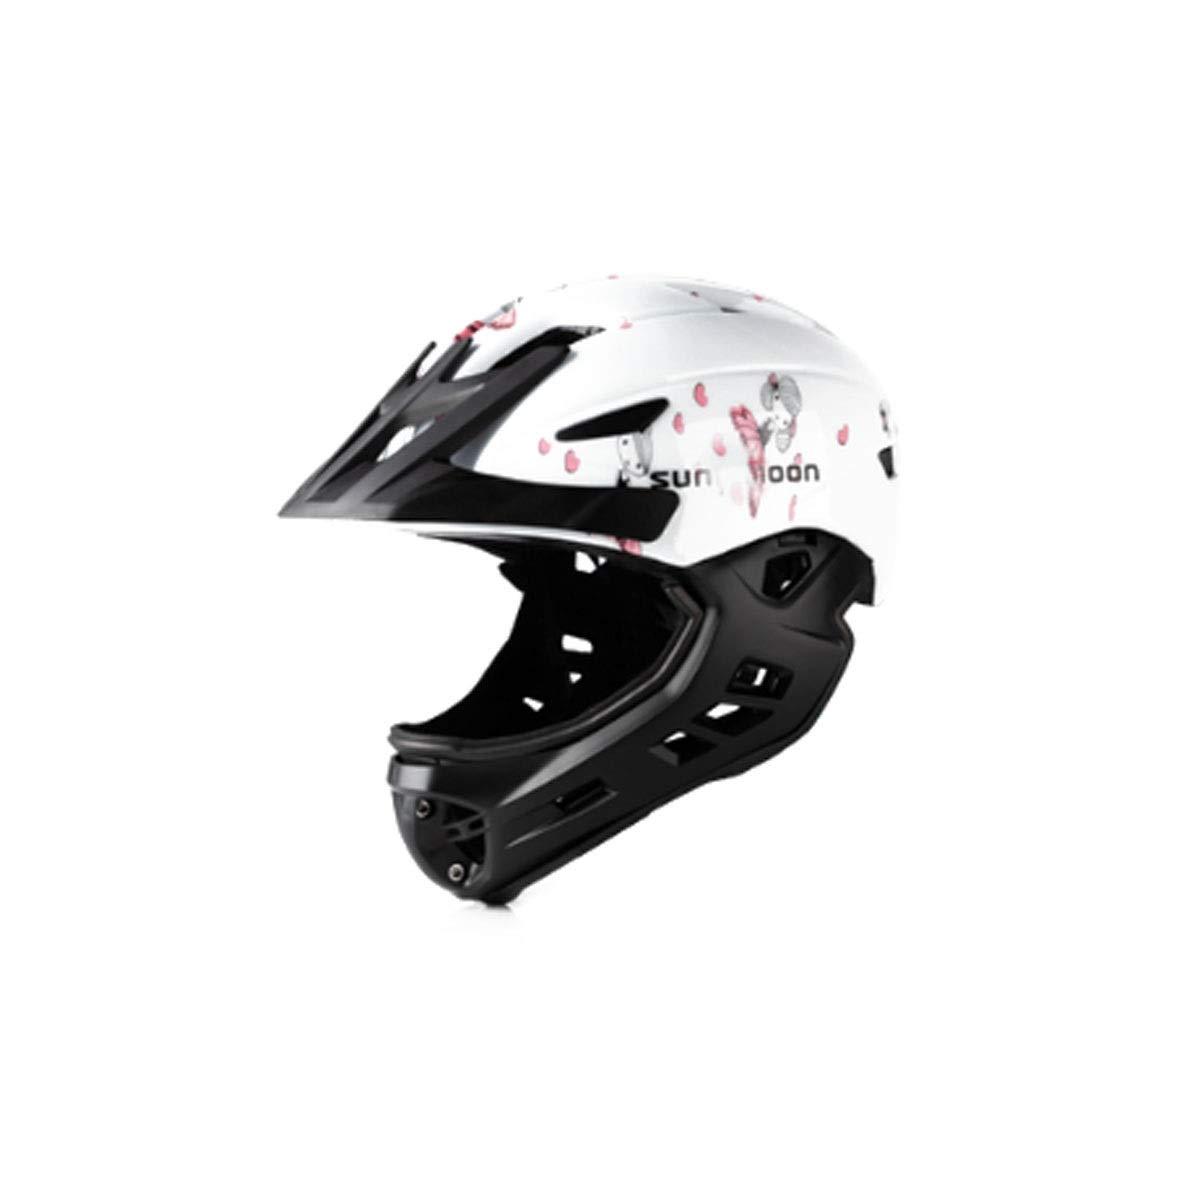 CQIANG 自転車、スクーター、およびローラースケートなどに適したフルフェイスヘルメット、4858cmの頭の周囲に最適、青、黄、白 ComfortSafety Medium White B07SCSL531